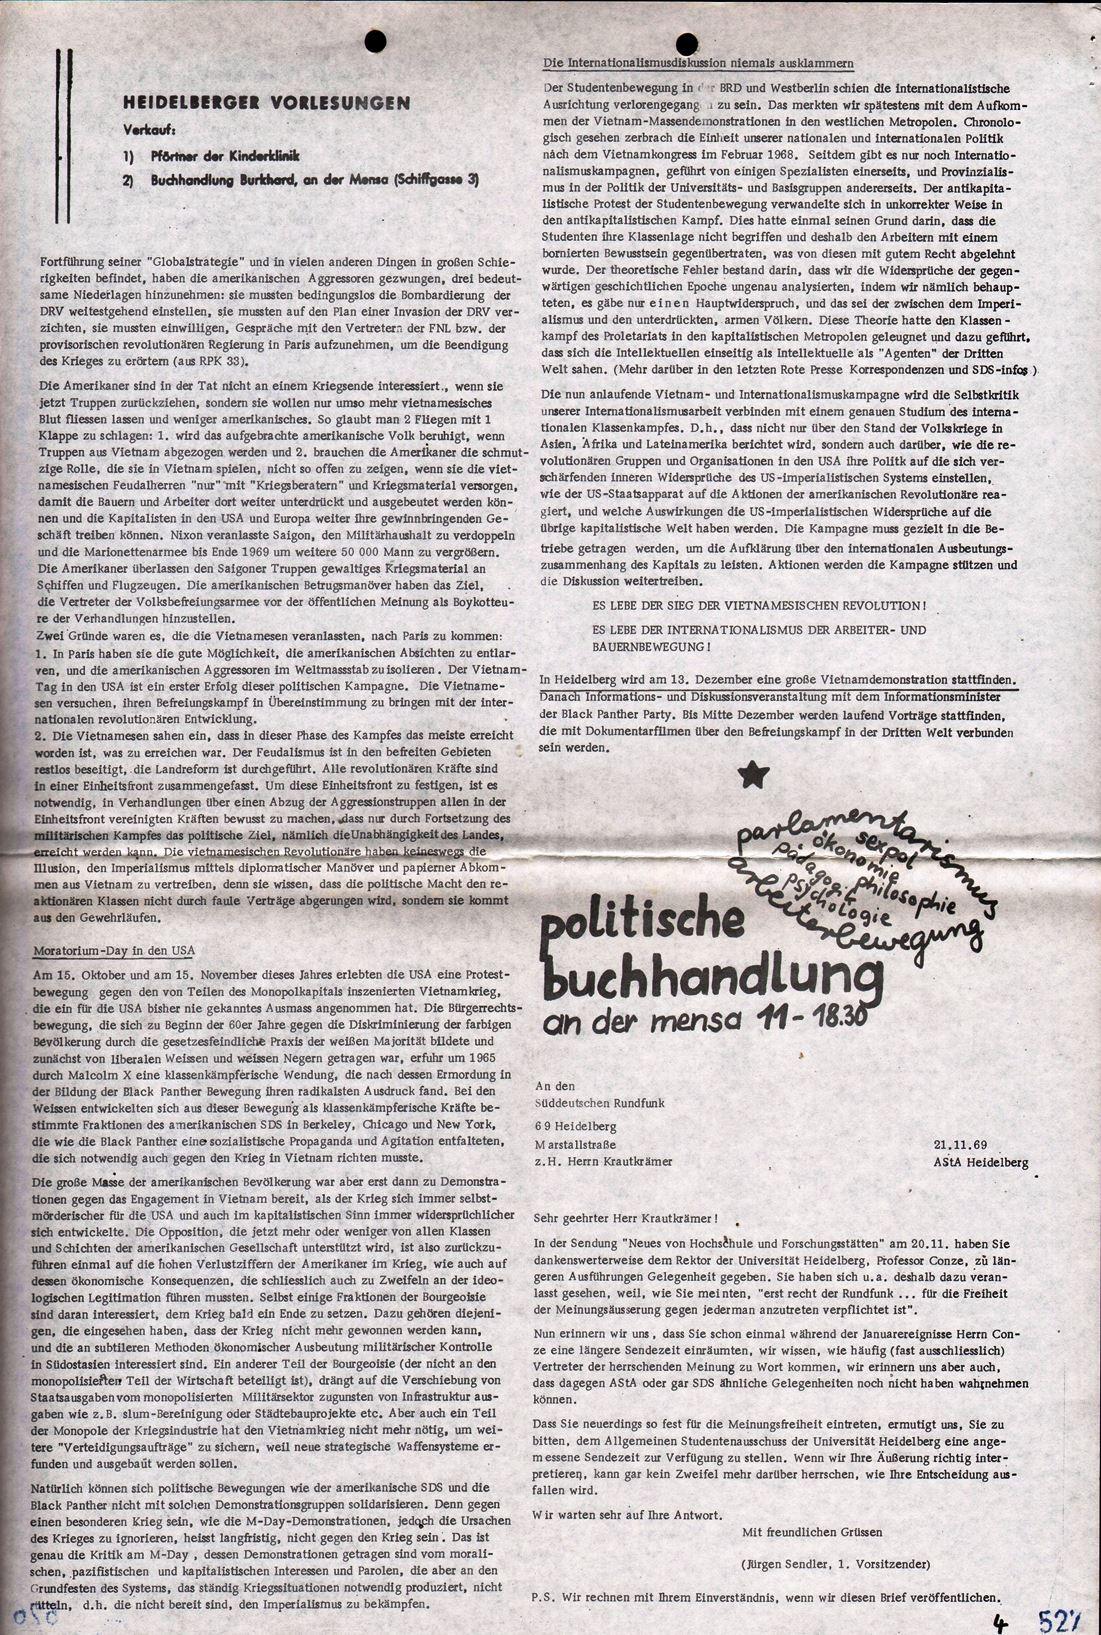 Heidelberg_SDS2_398